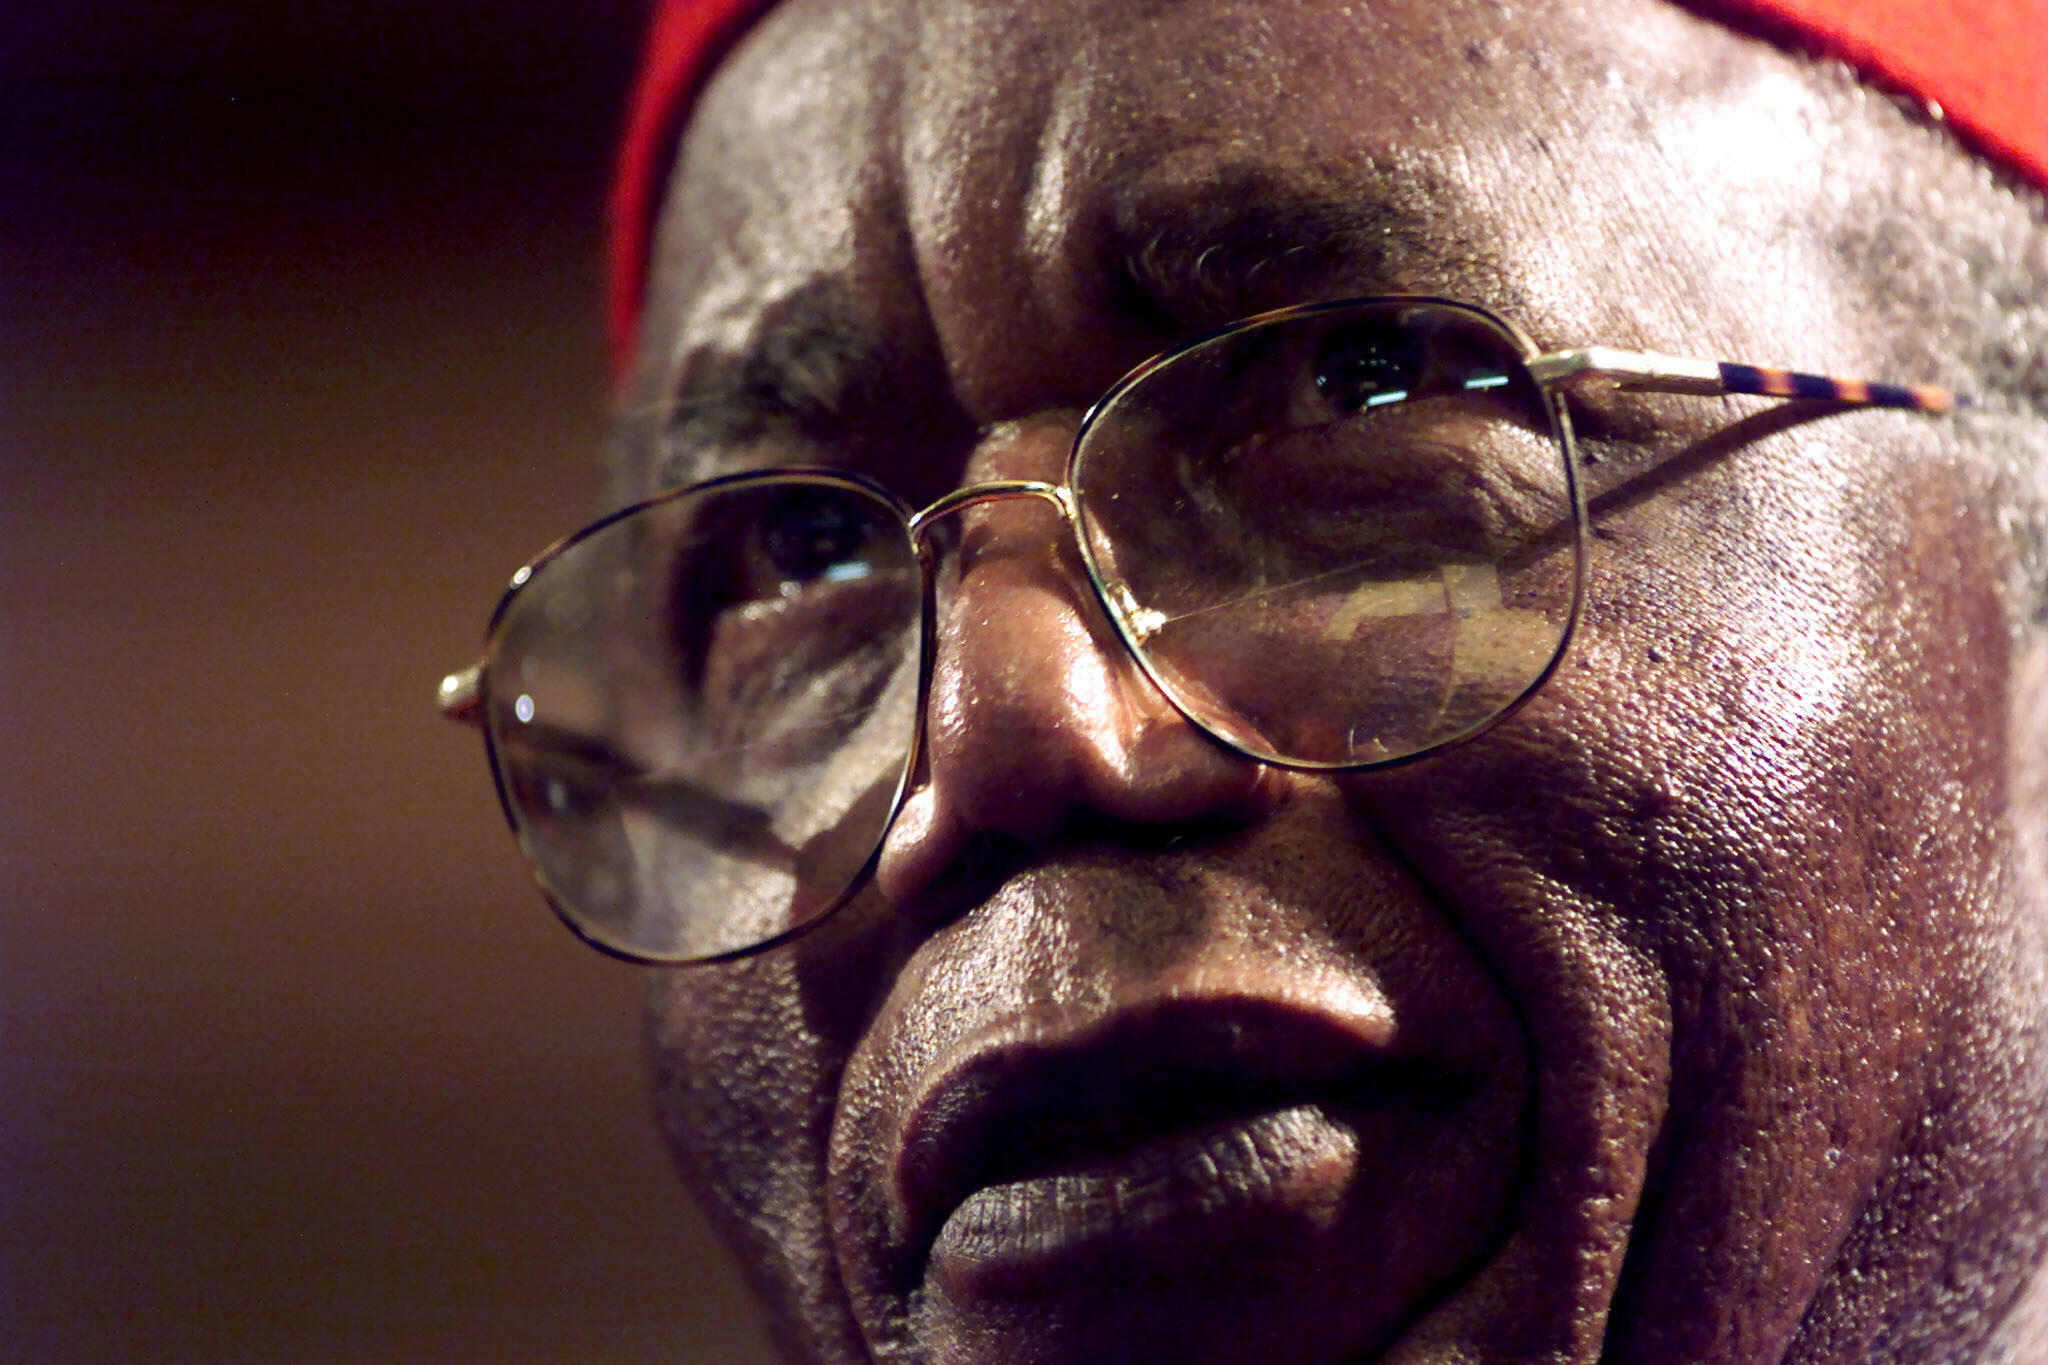 L'écrivain nigérian Chinua Achebe est décédé à l'age de 83 ans